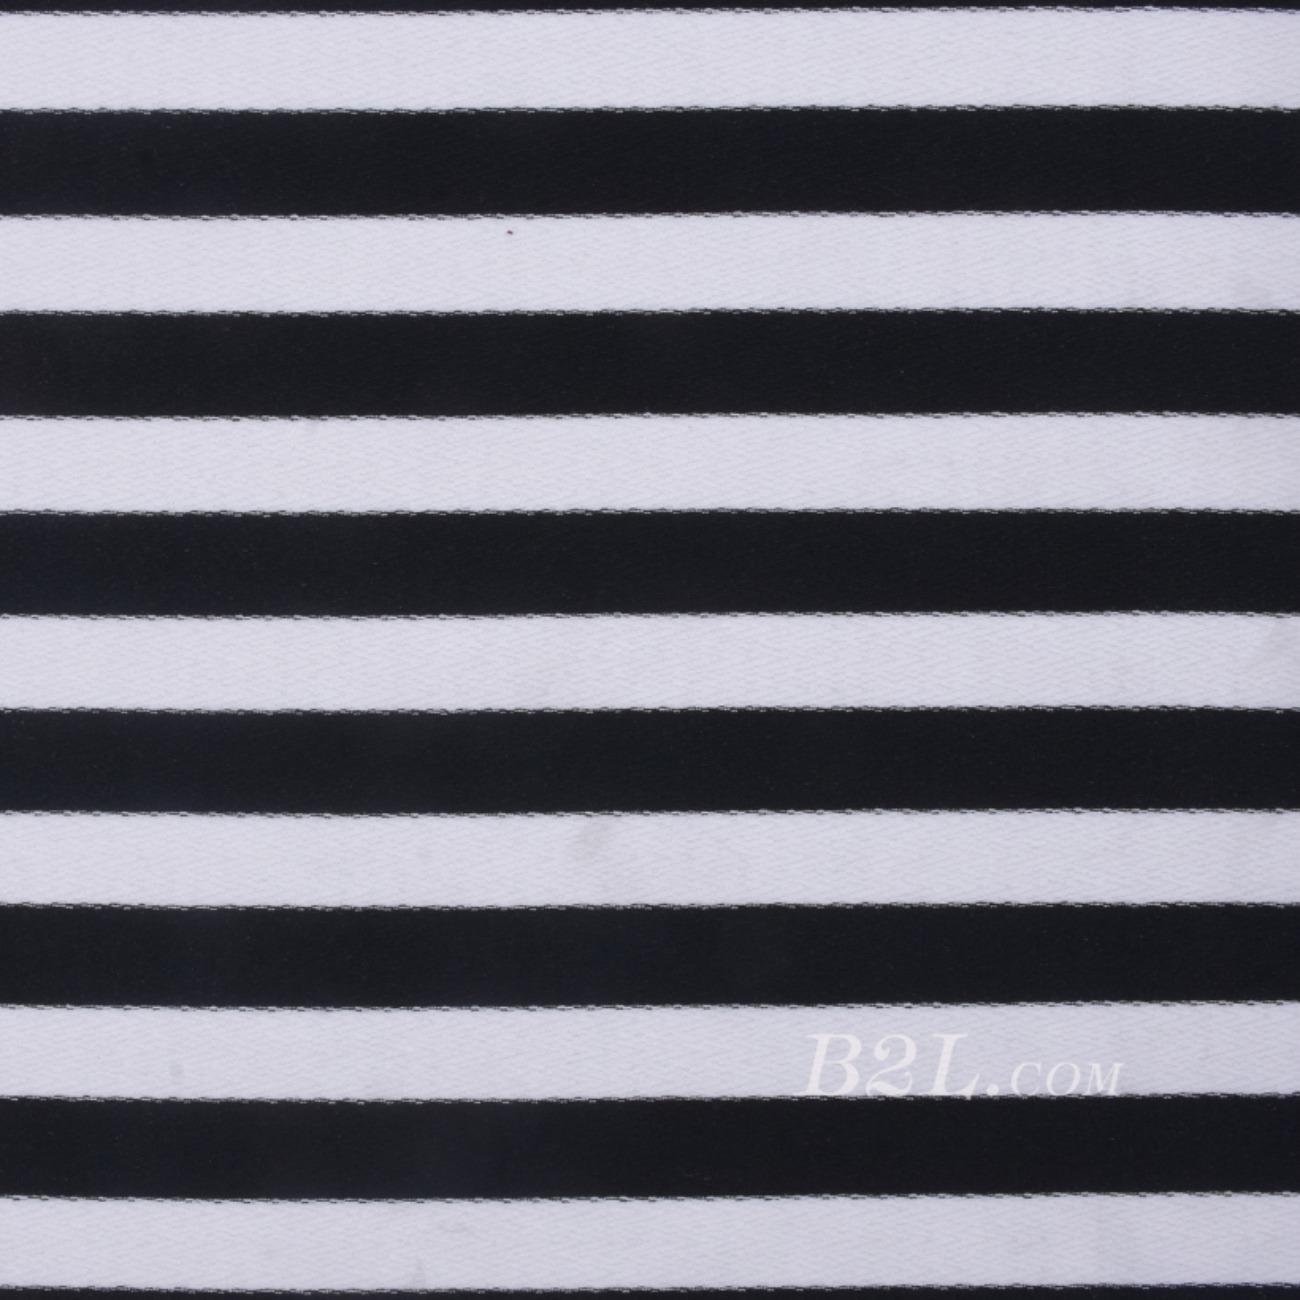 条子 横条 圆机 针织 纬编 棉感 弹力  T恤 针织衫 连衣裙 男装 女装 80131-47